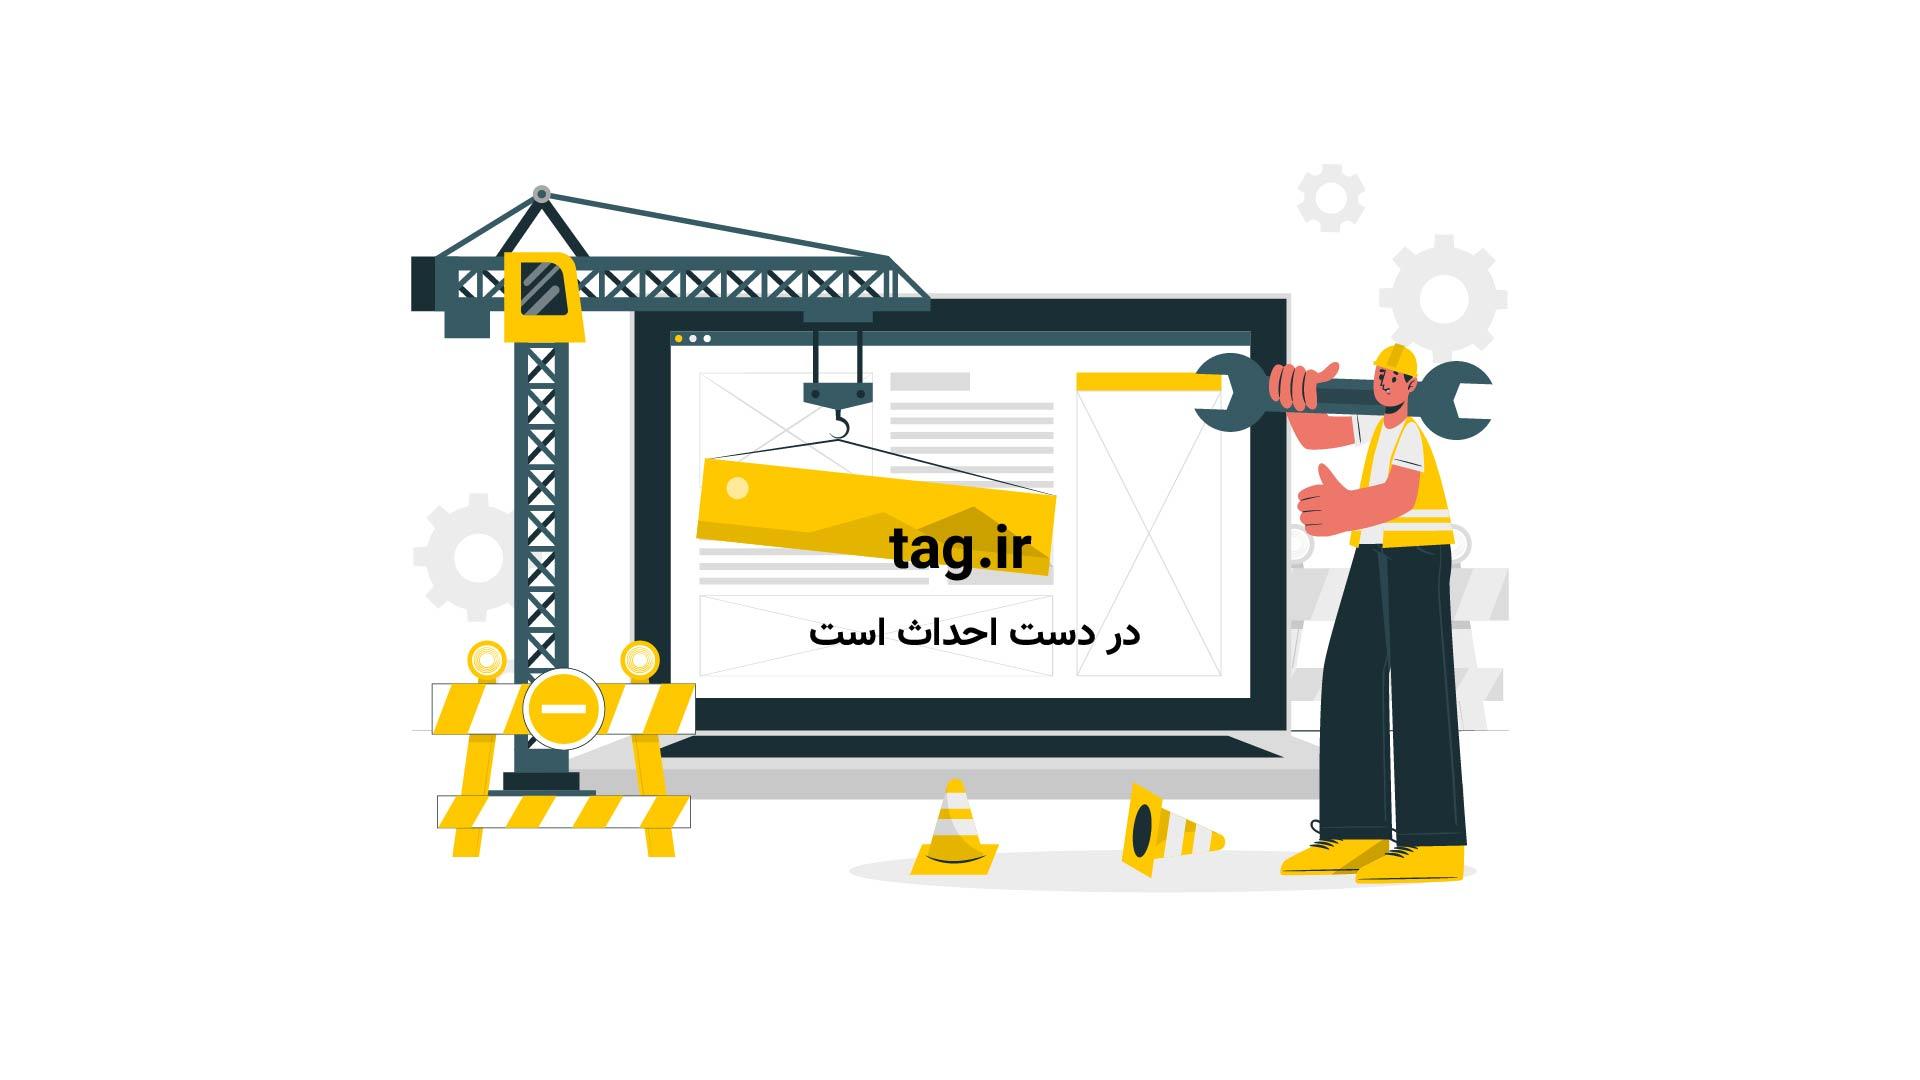 آموزش تزئین کیک شکلاتی با روش ساده | فیلم